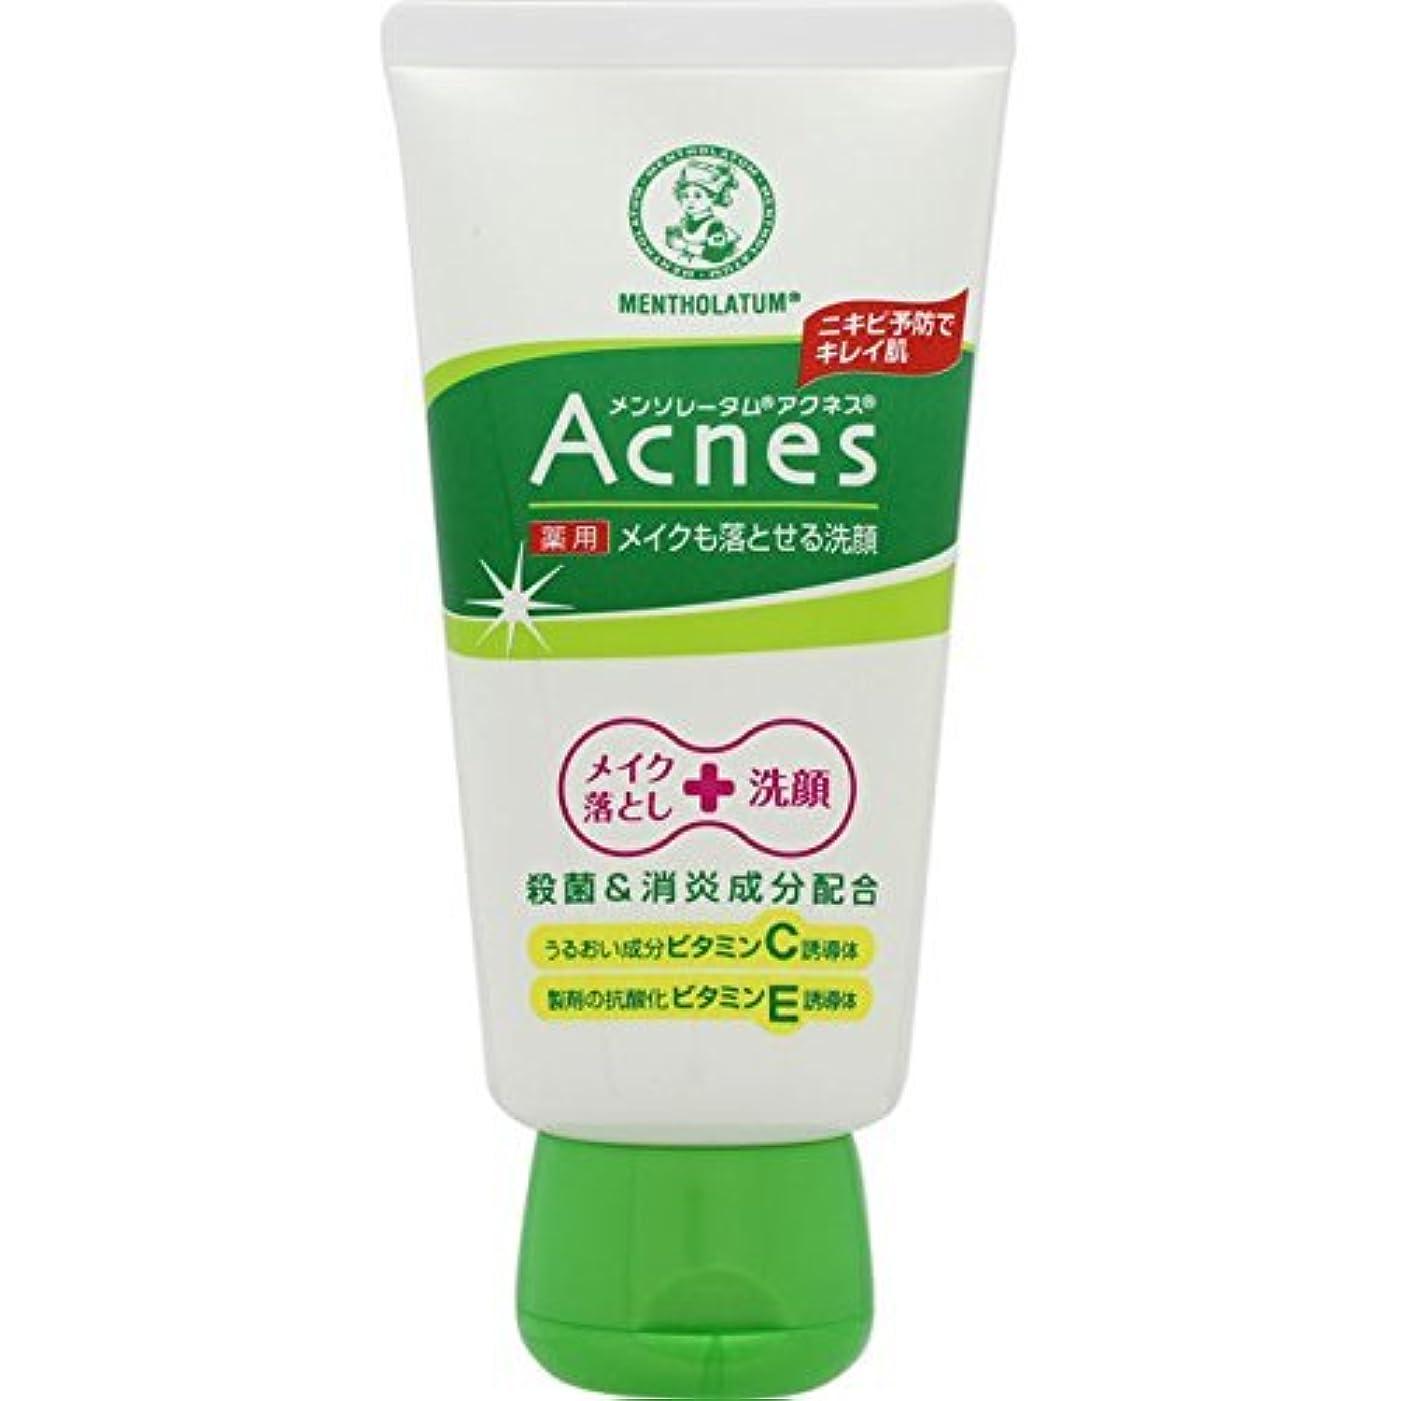 処理宣伝内部Acnes(アクネス) 薬用メイクも落とせる洗顔 130g【医薬部外品】